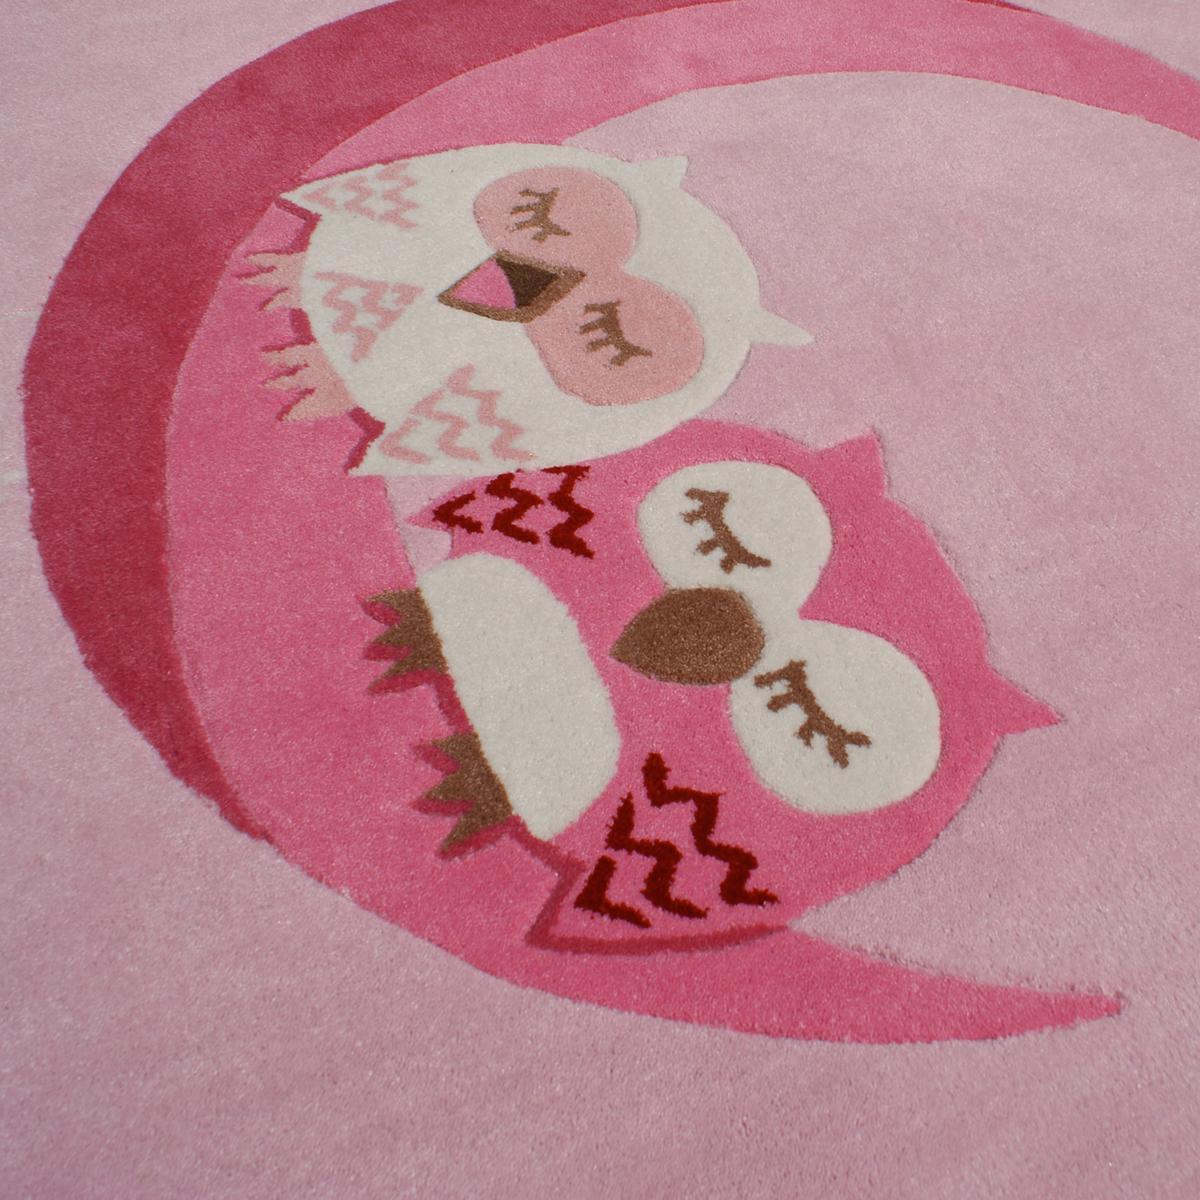 Kinderteppich eule rosa  Kinderteppich SCHLAFENDE EULEN rosa 135x190cm SONDERPREIS | eBay